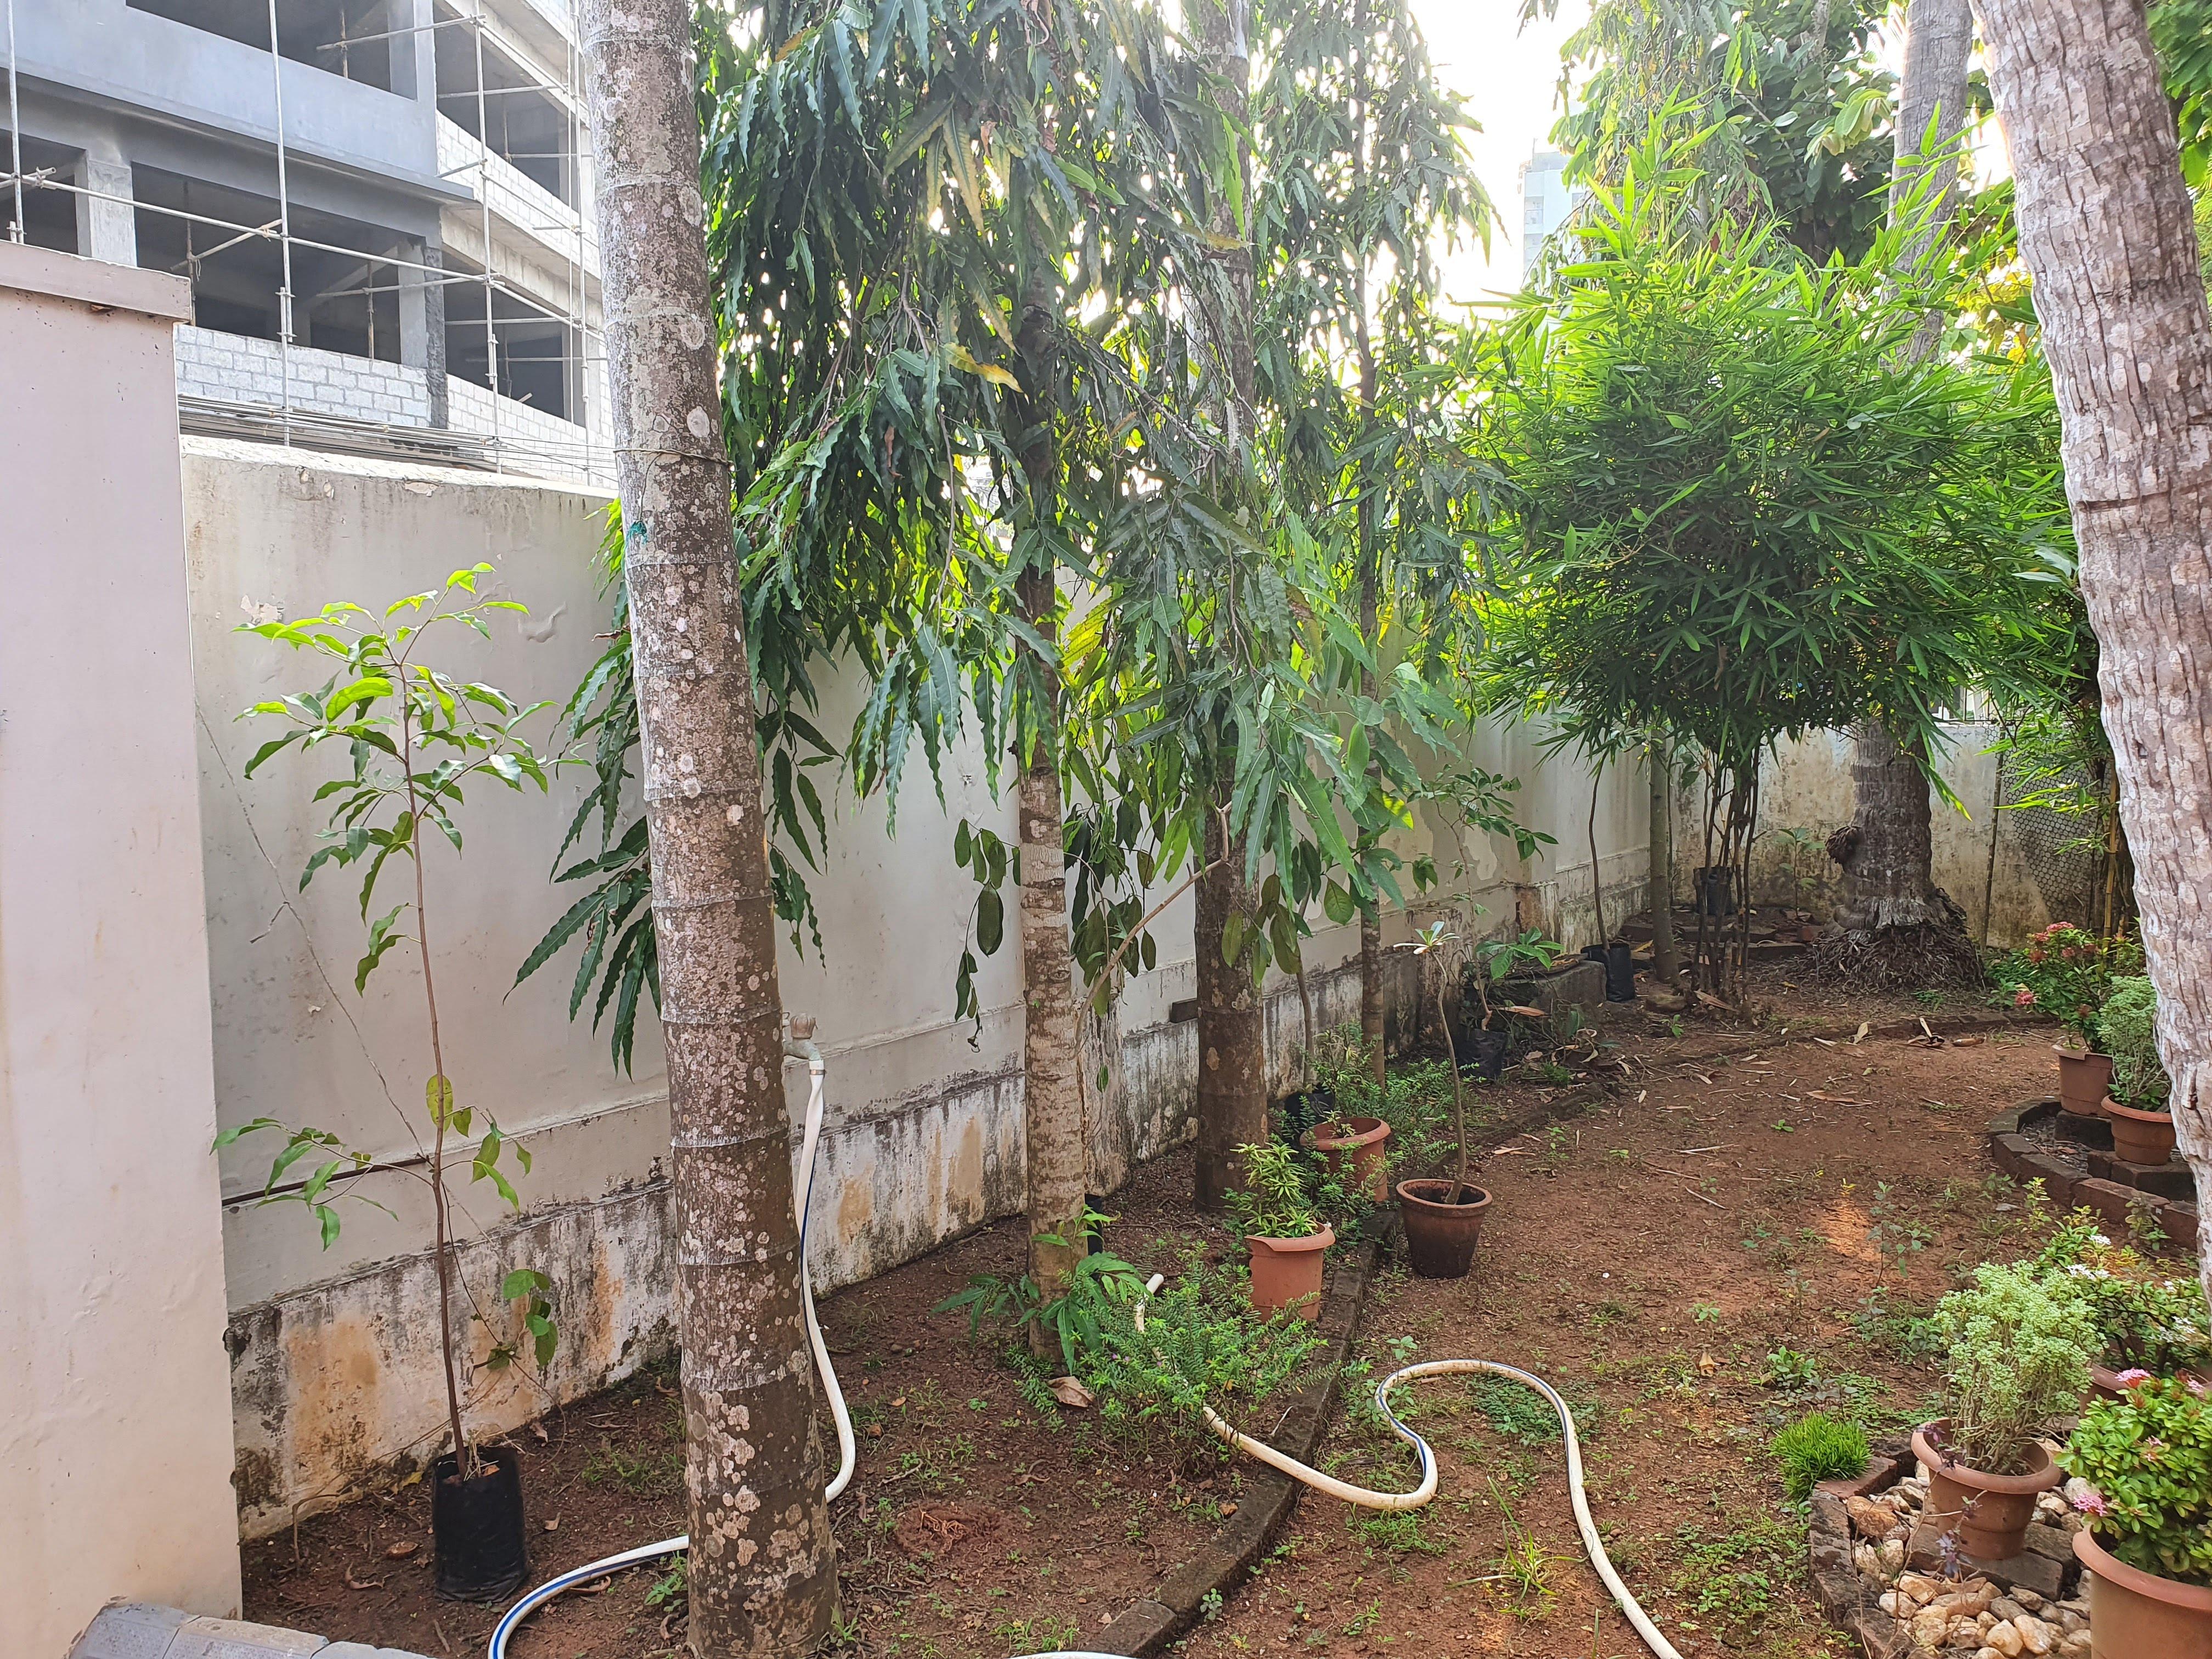 A Small Miyawaki backyard forest at Home in Calicut